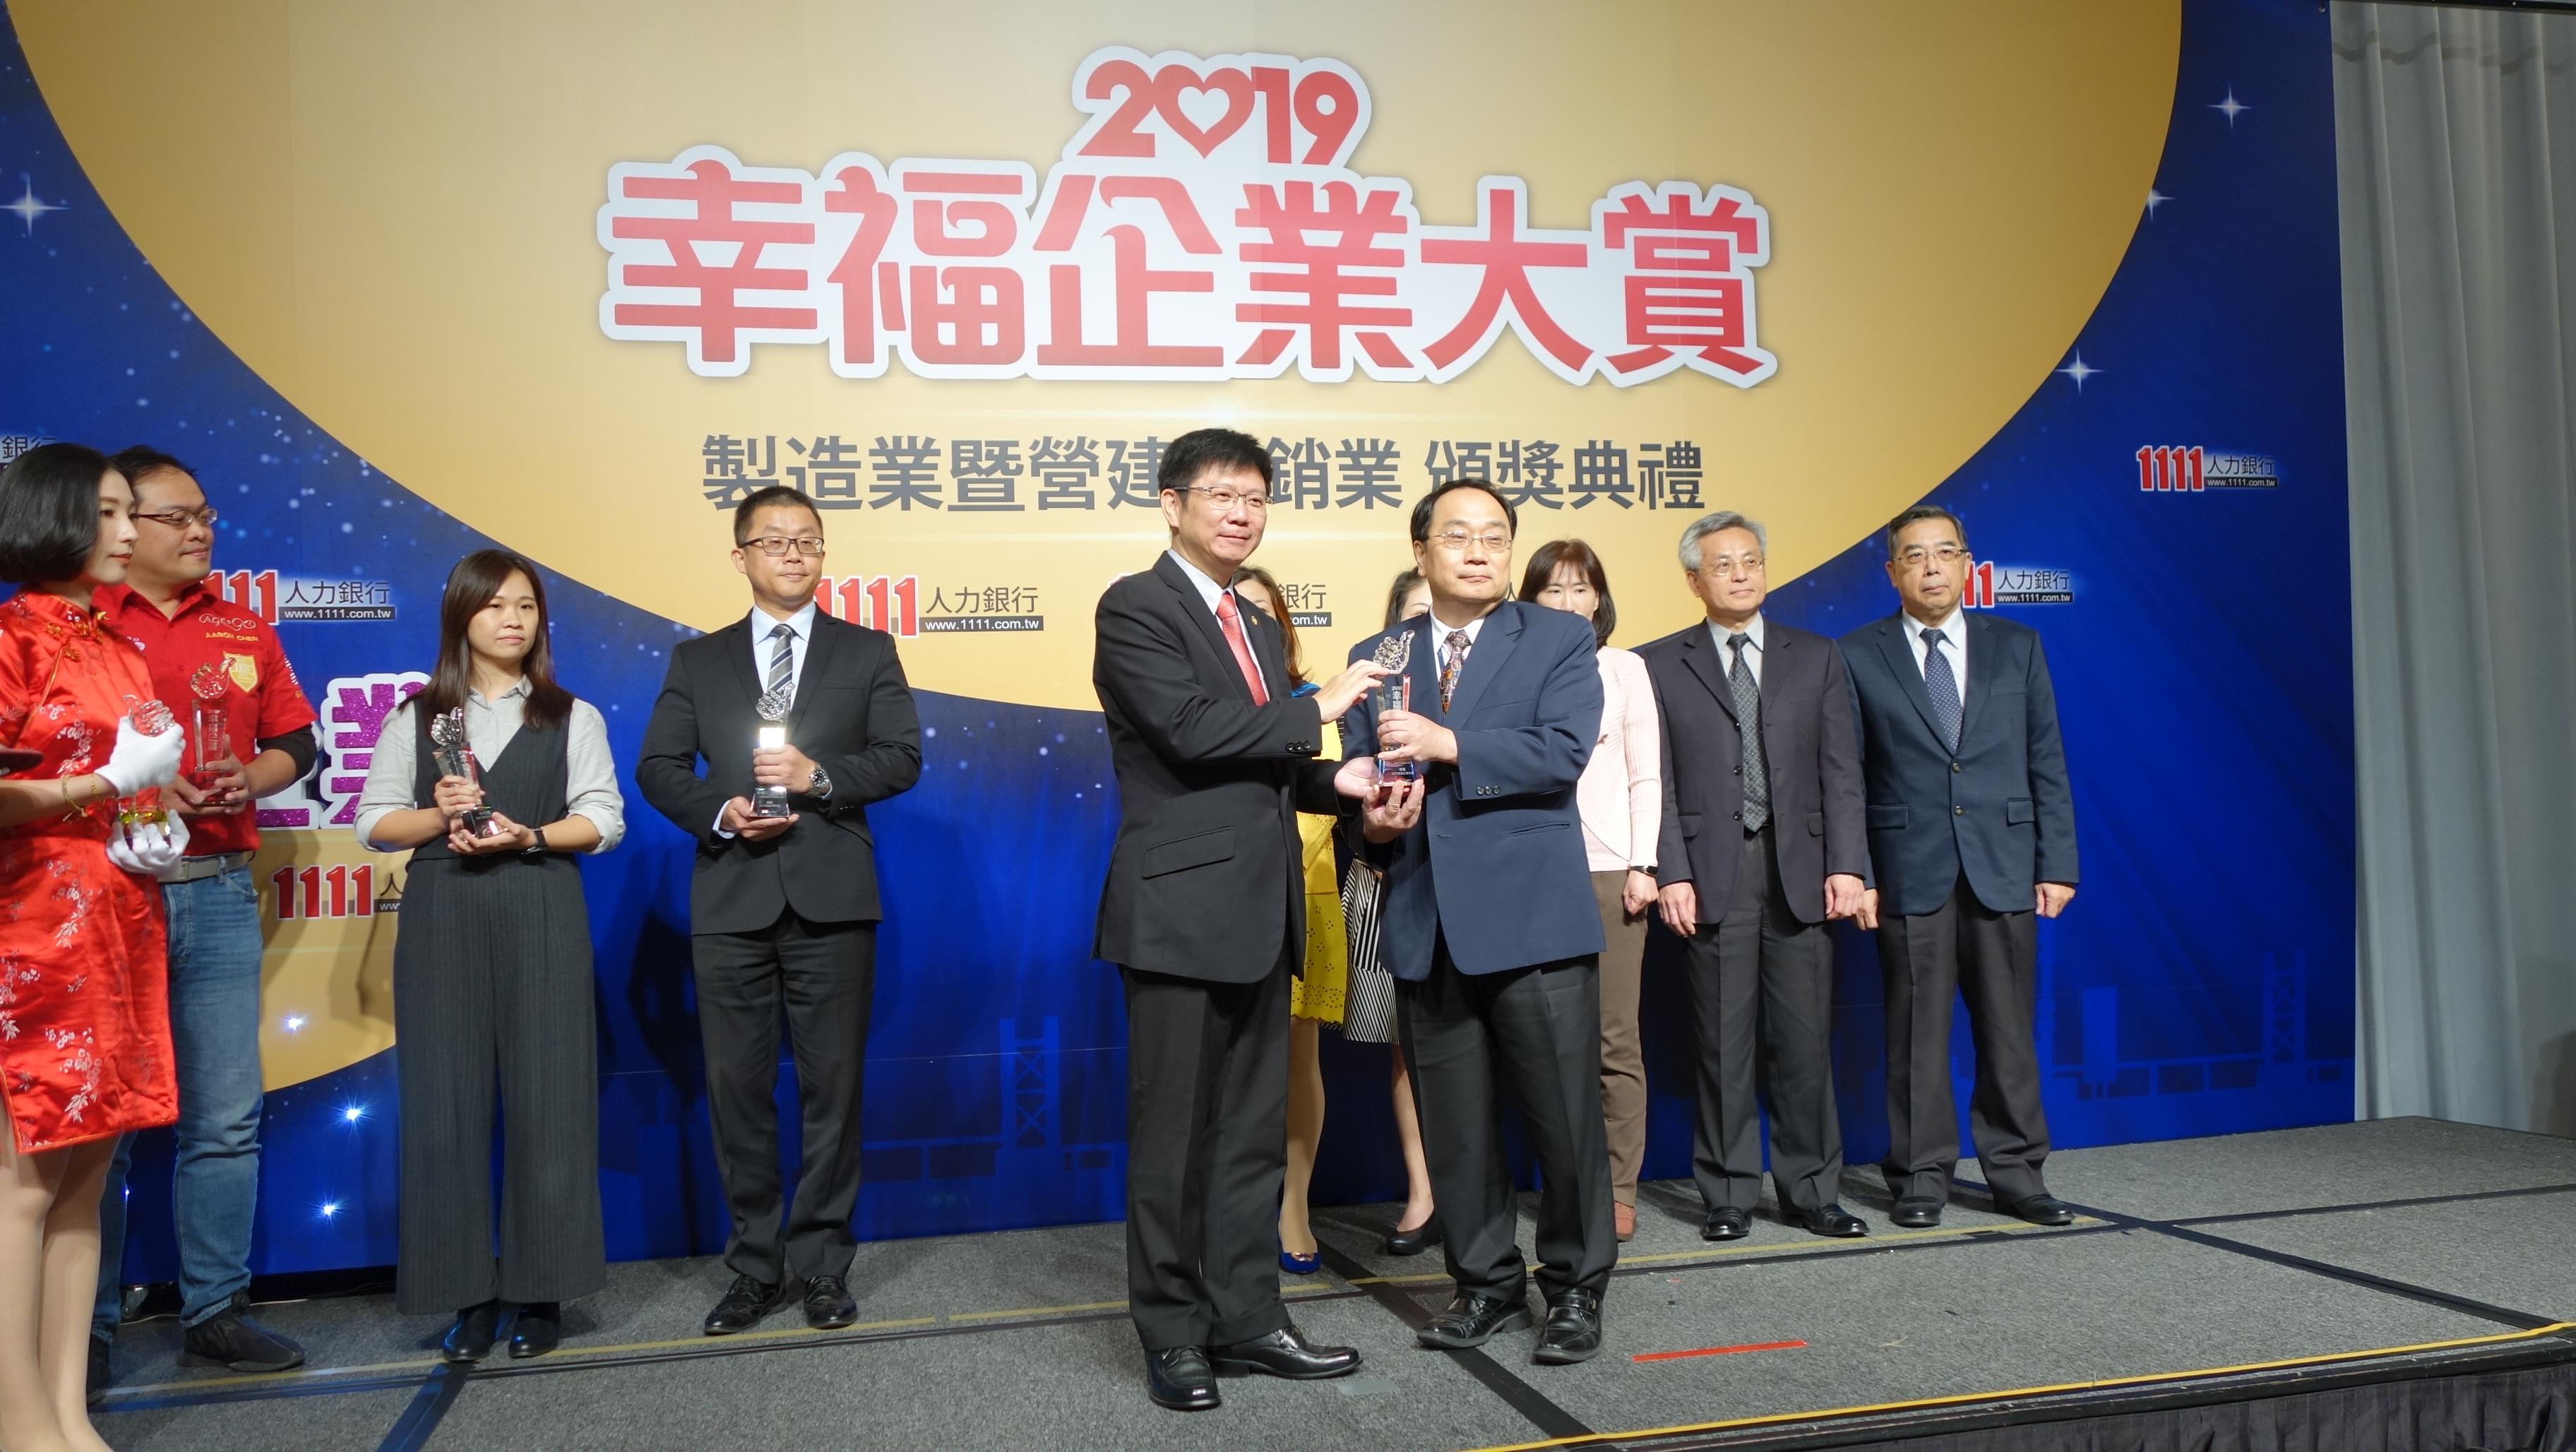 台灣中油奪下文化部文馨獎與1111人力銀行「幸福企業」獎